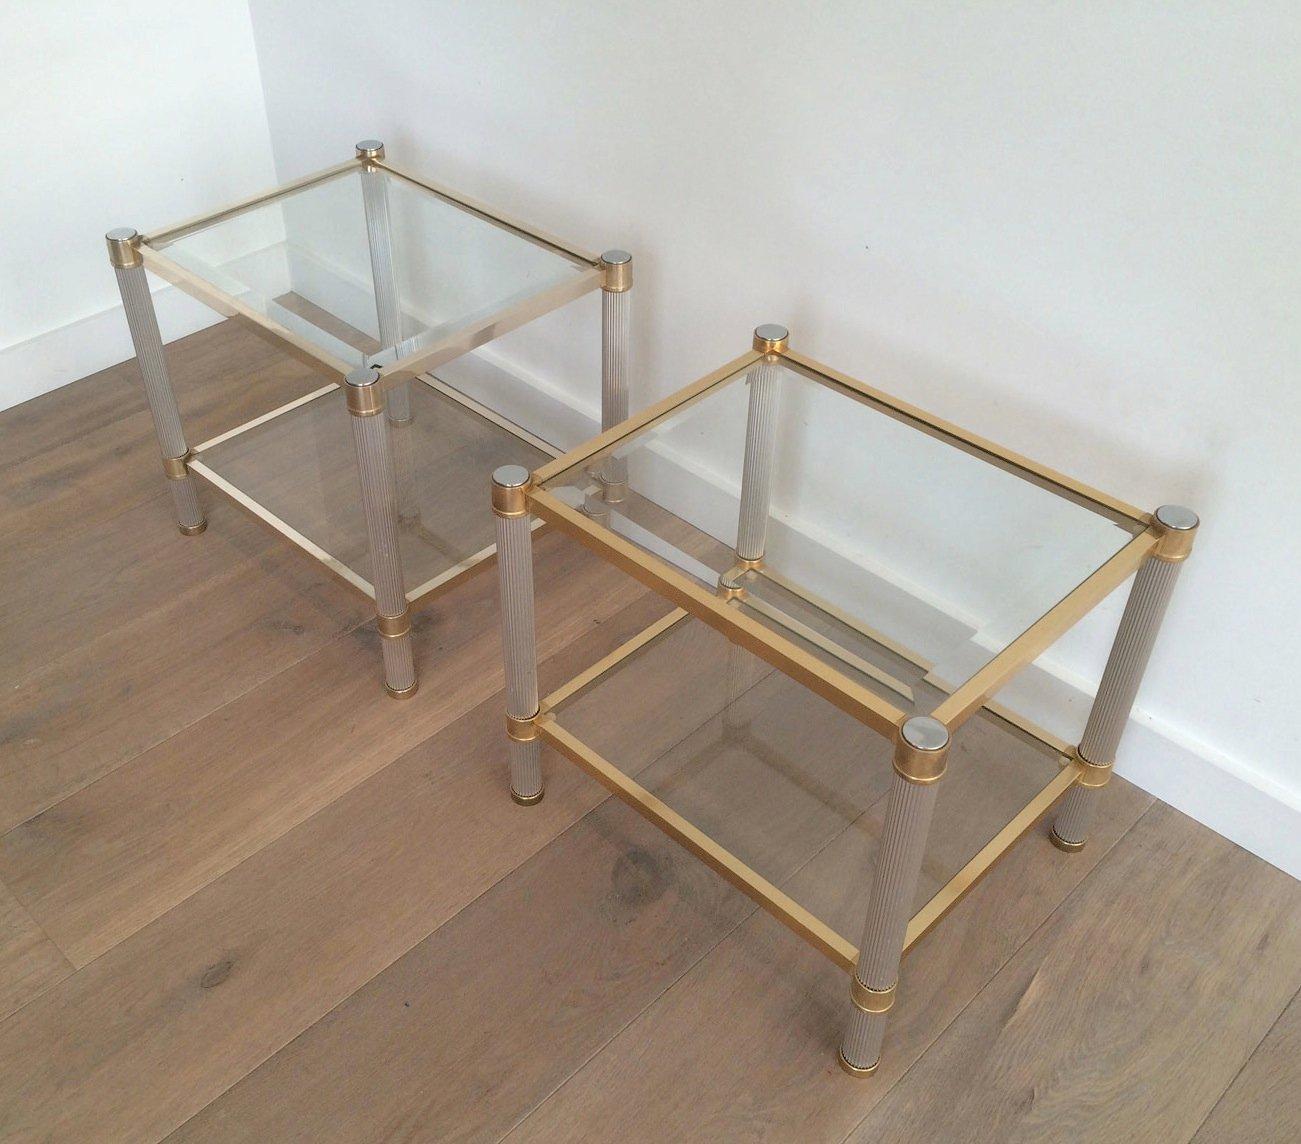 messing glas beistelltische von pierre vandel 2er set. Black Bedroom Furniture Sets. Home Design Ideas